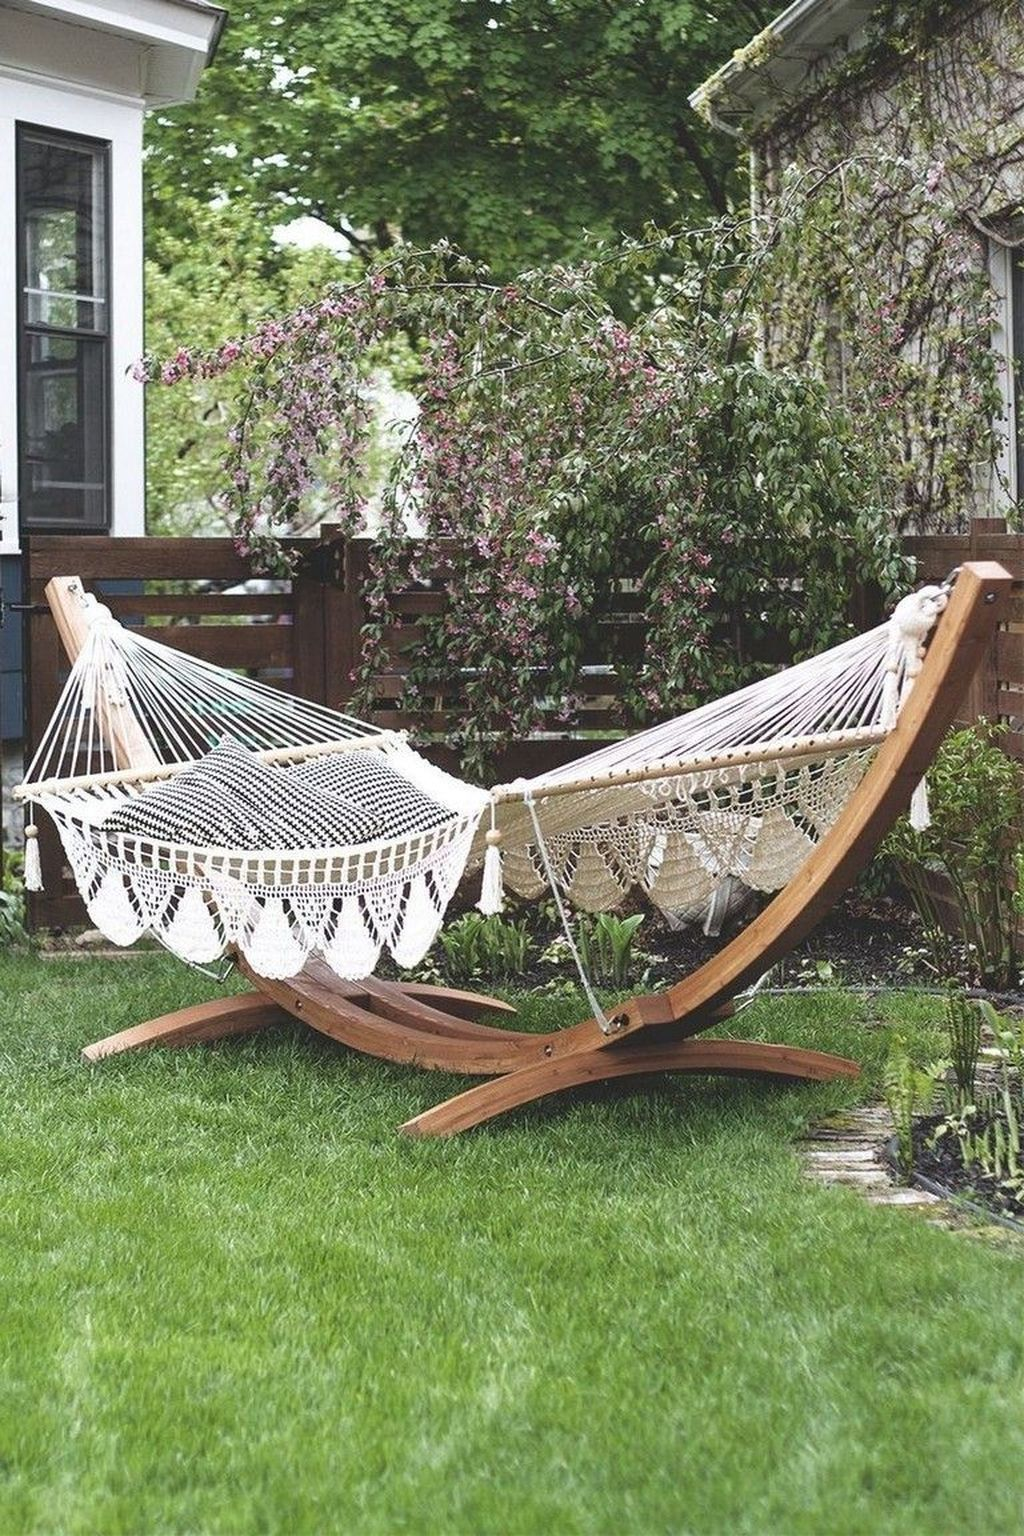 11 Impressive Hammock Design Ideas (Indoor/Outdoor) in